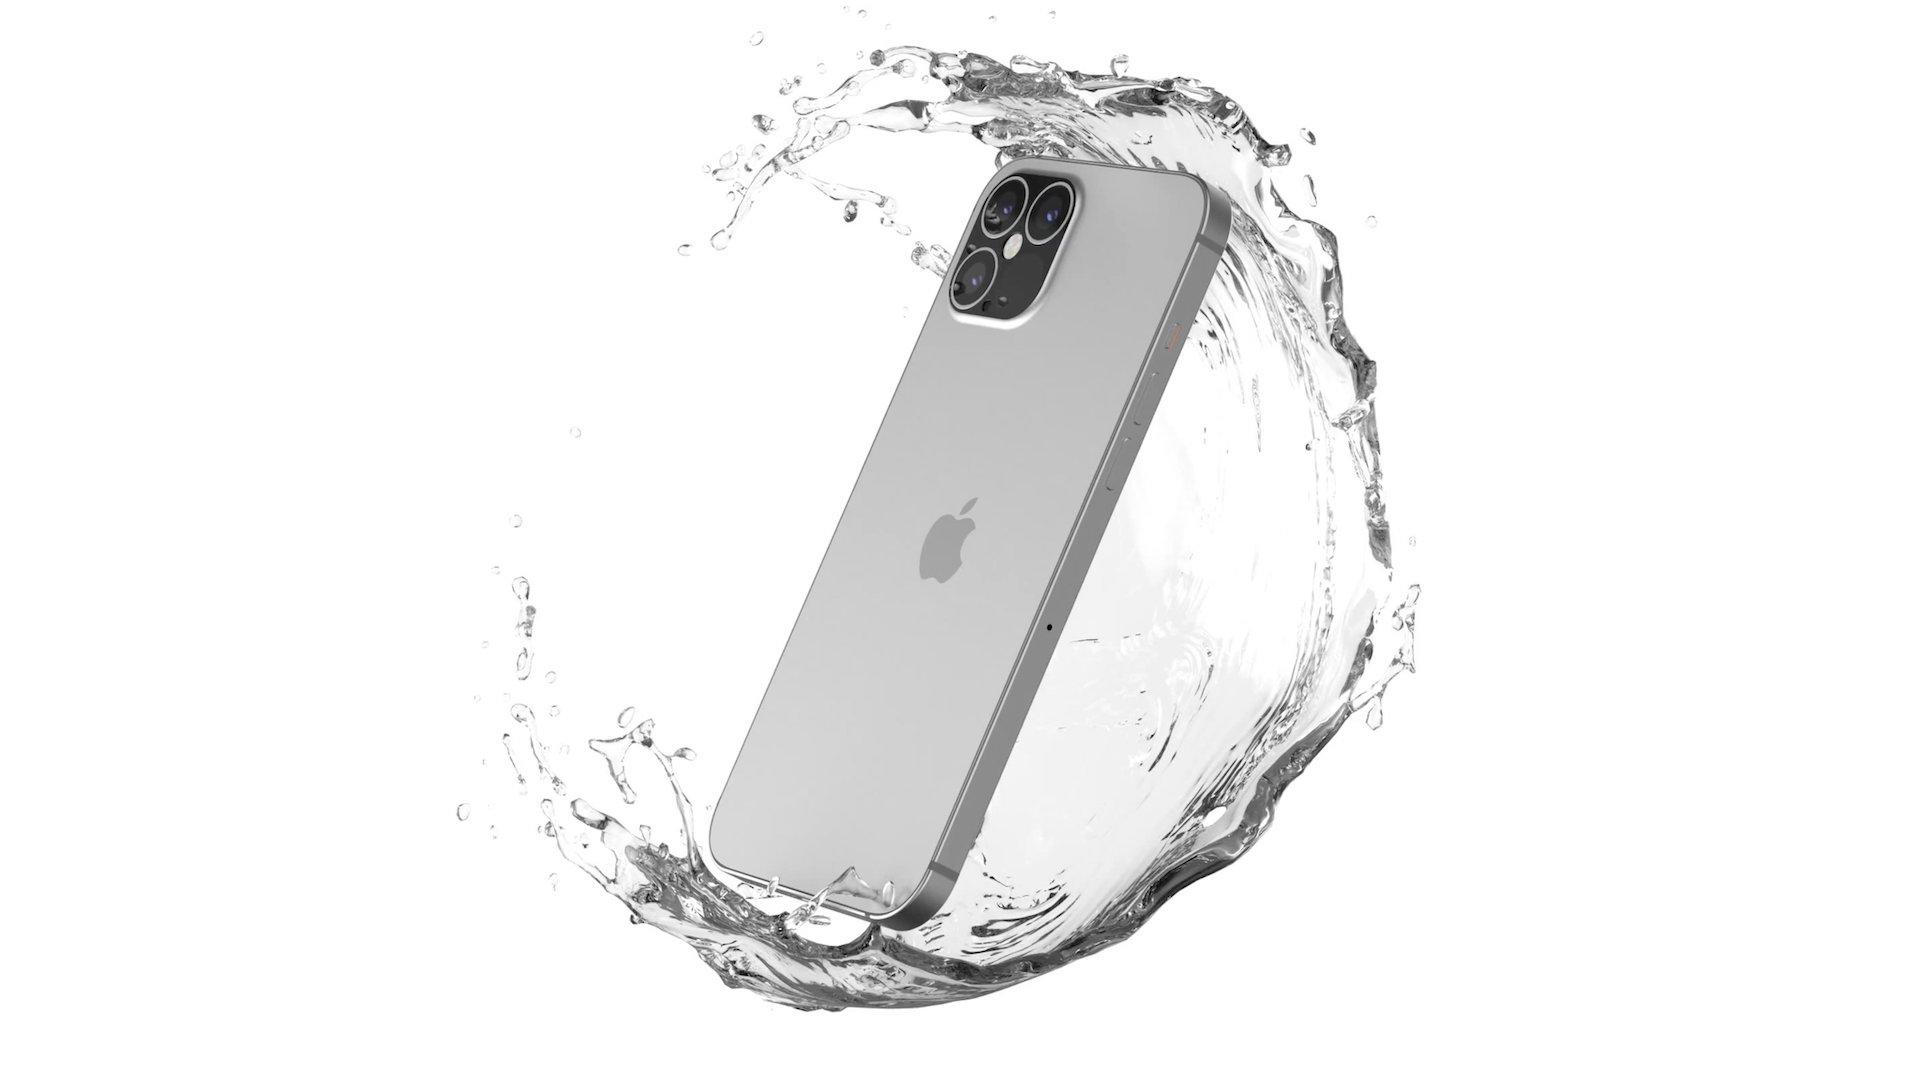 iPhone 12 et iPhone 12 Pro : caractéristiques, écran 120 Hz